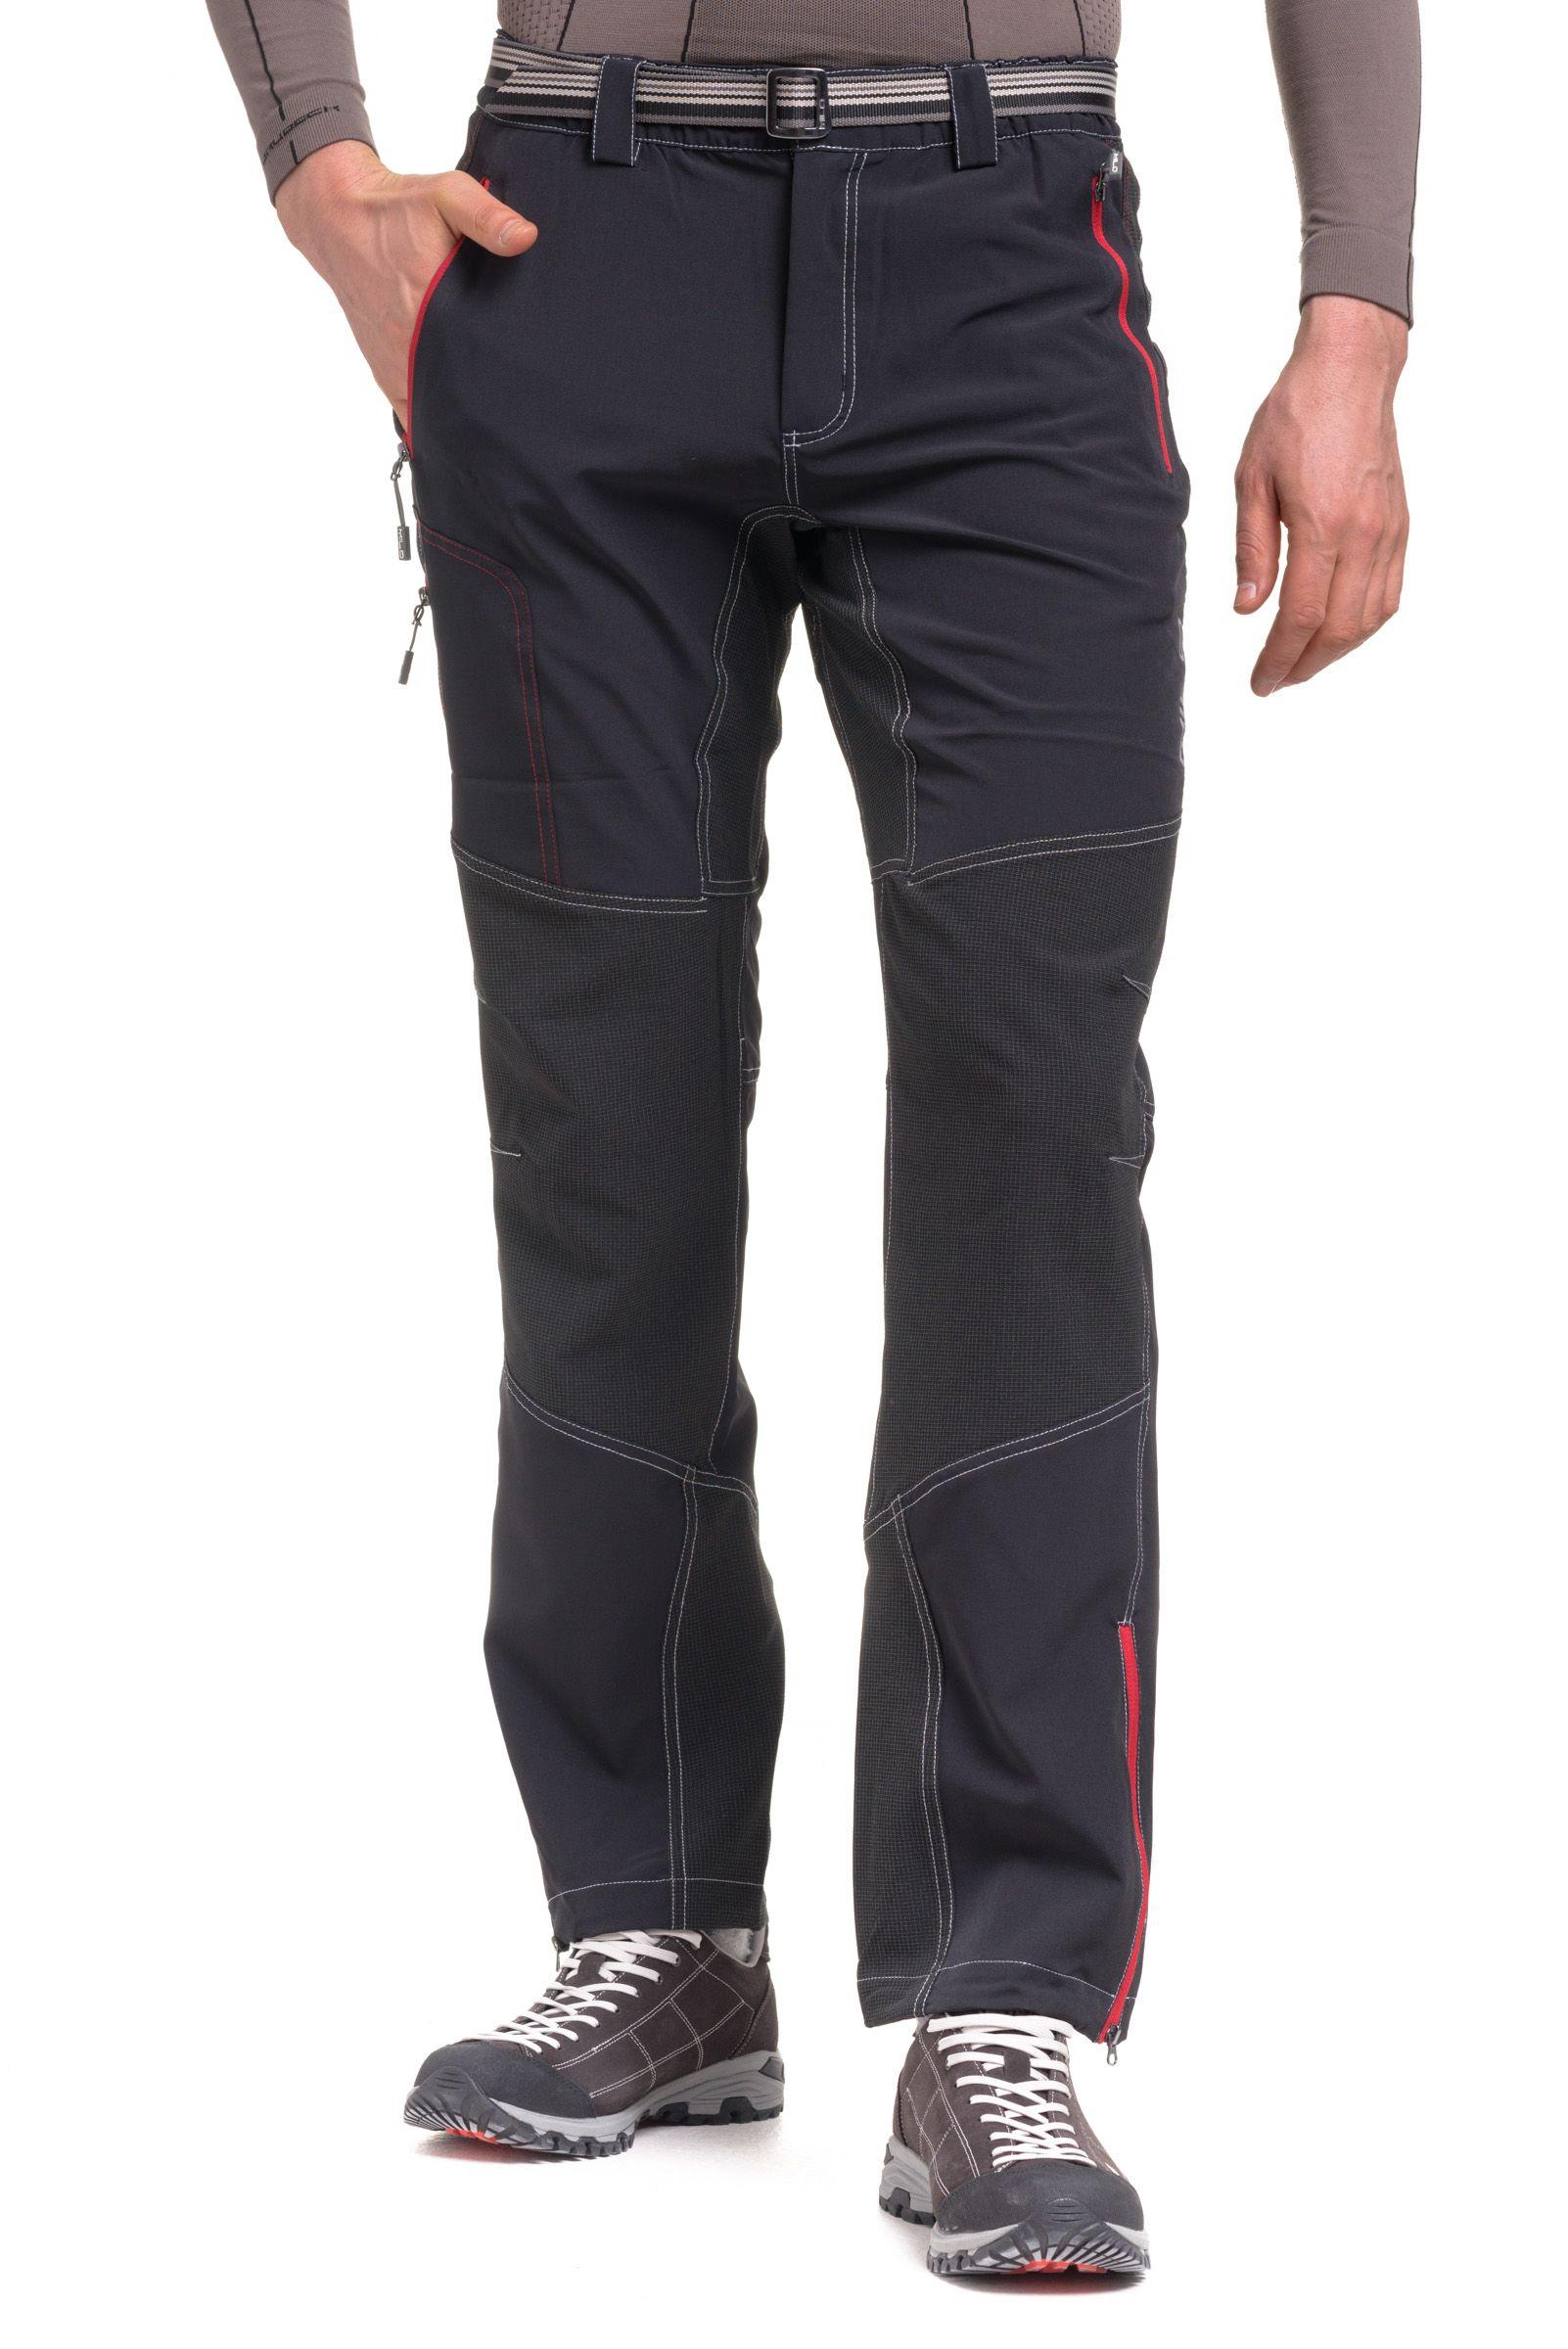 spodnie atero ranking